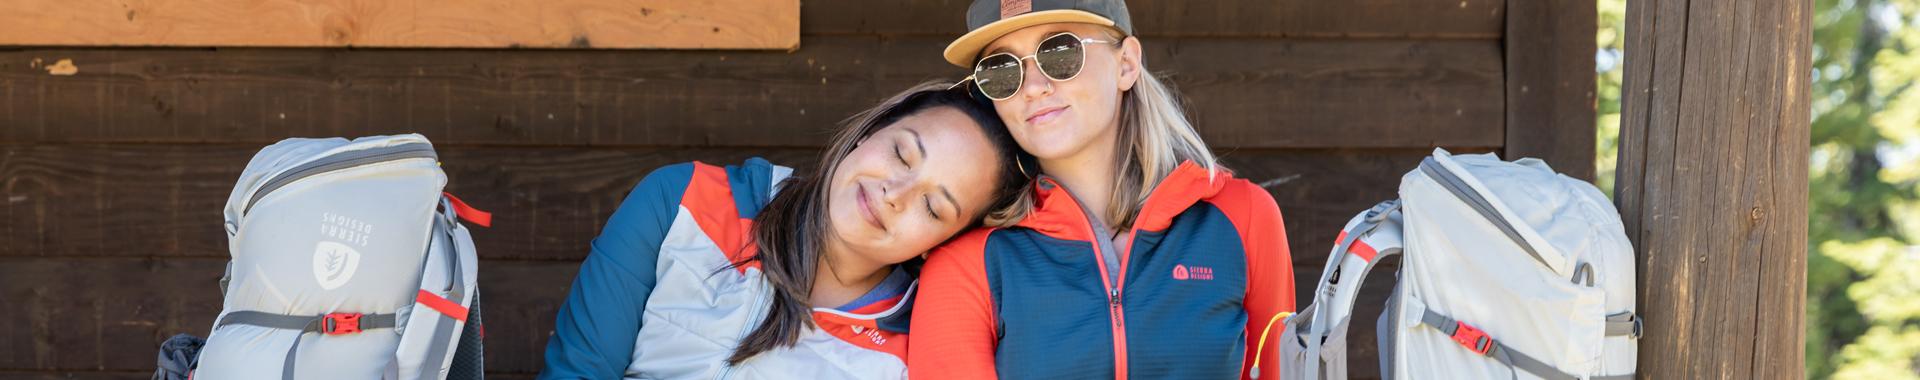 Two women wearing Sierra Designs apparel